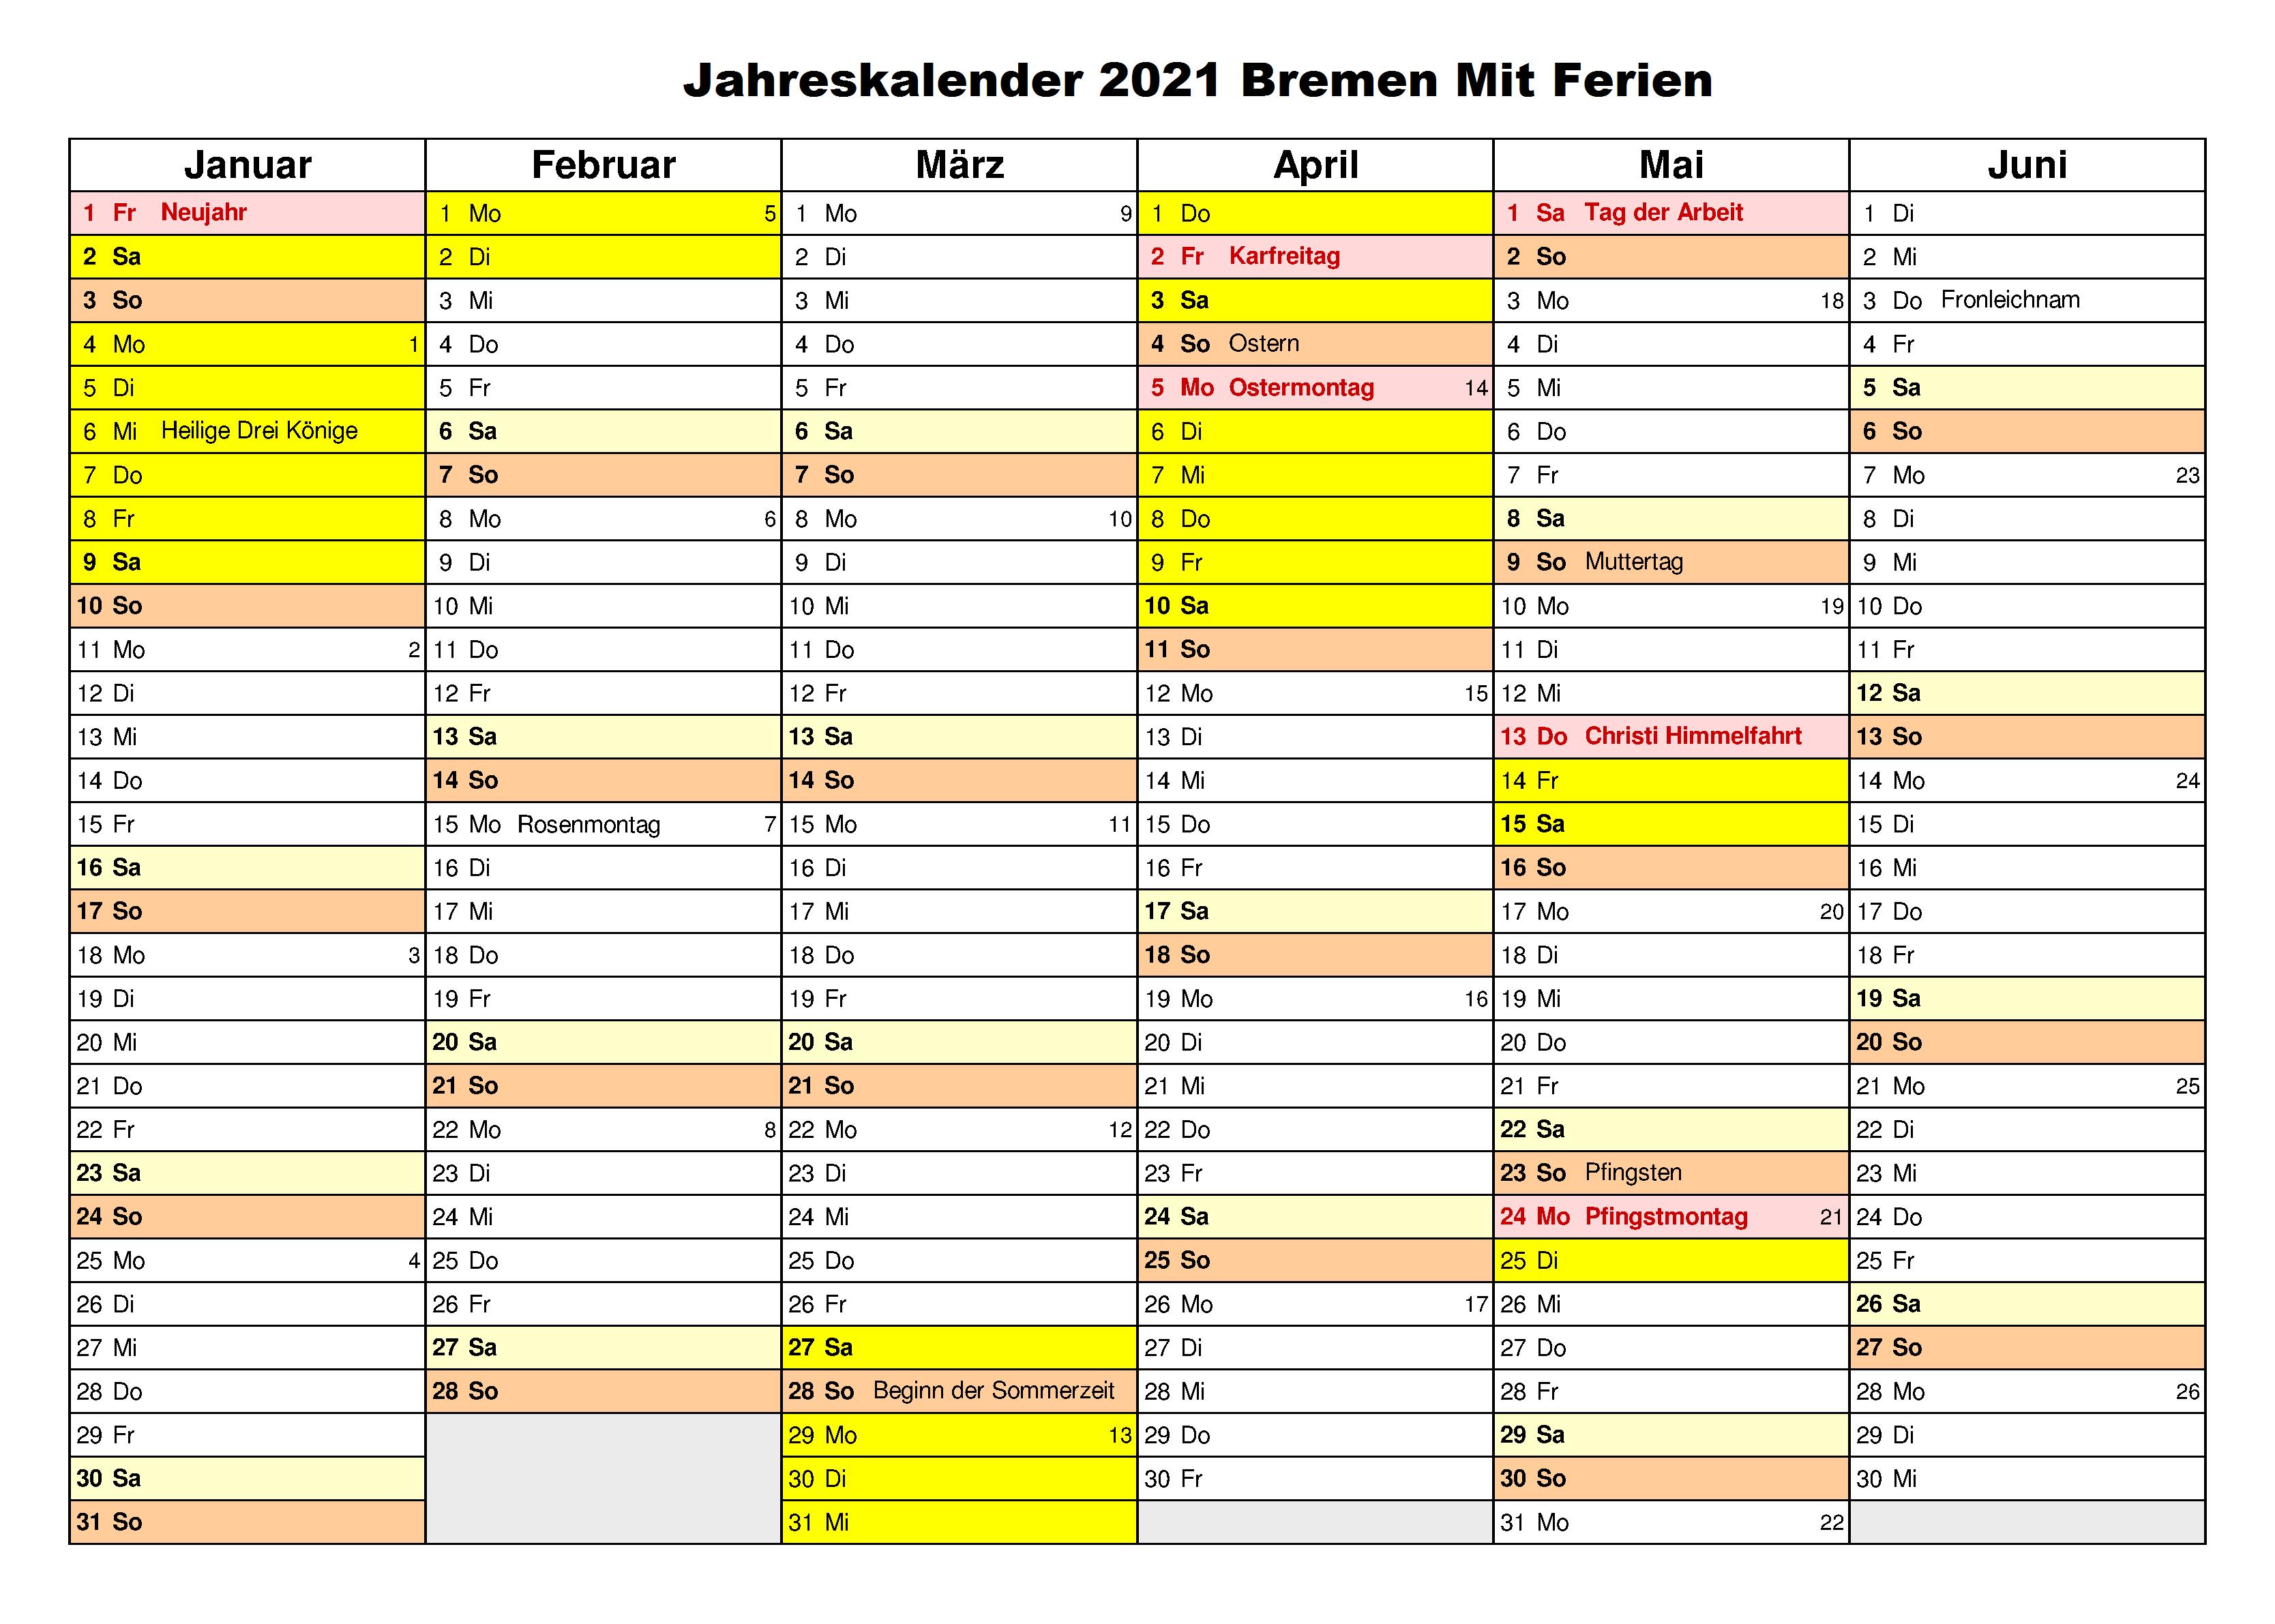 Jahreskalender 2021 Bremen MitFerien und Feiertagen